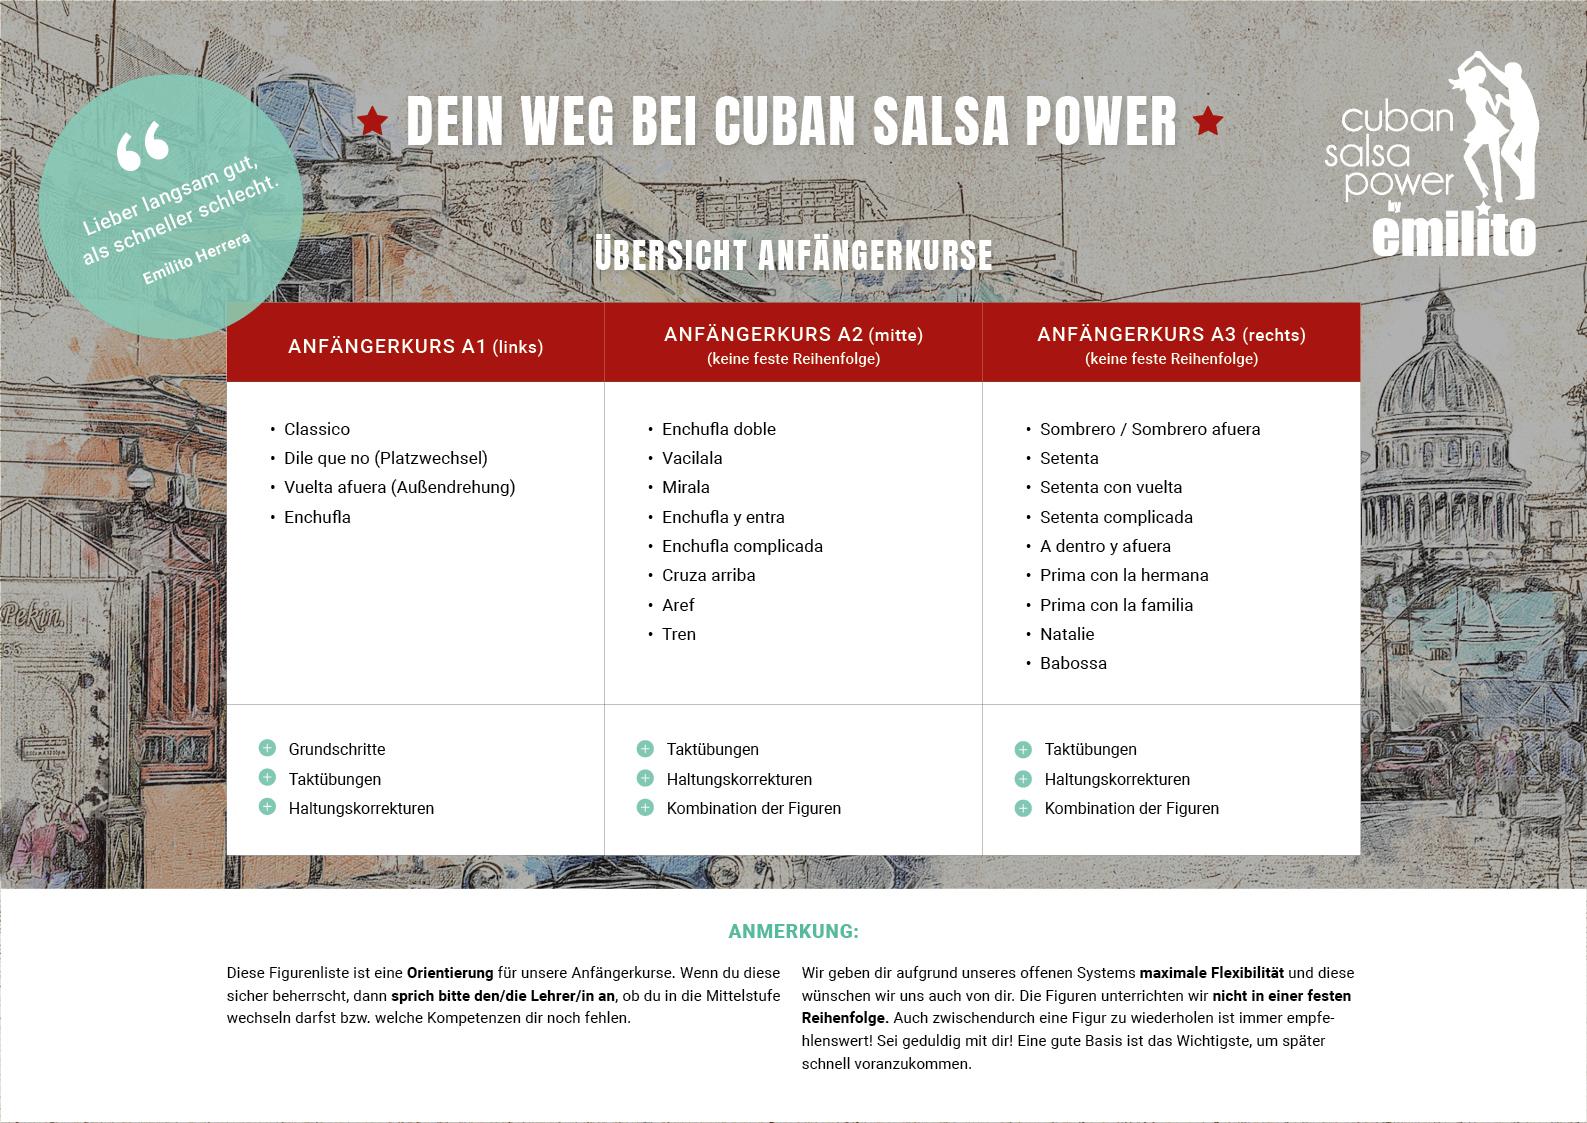 Dein Weg bei Cuban Salsa Power